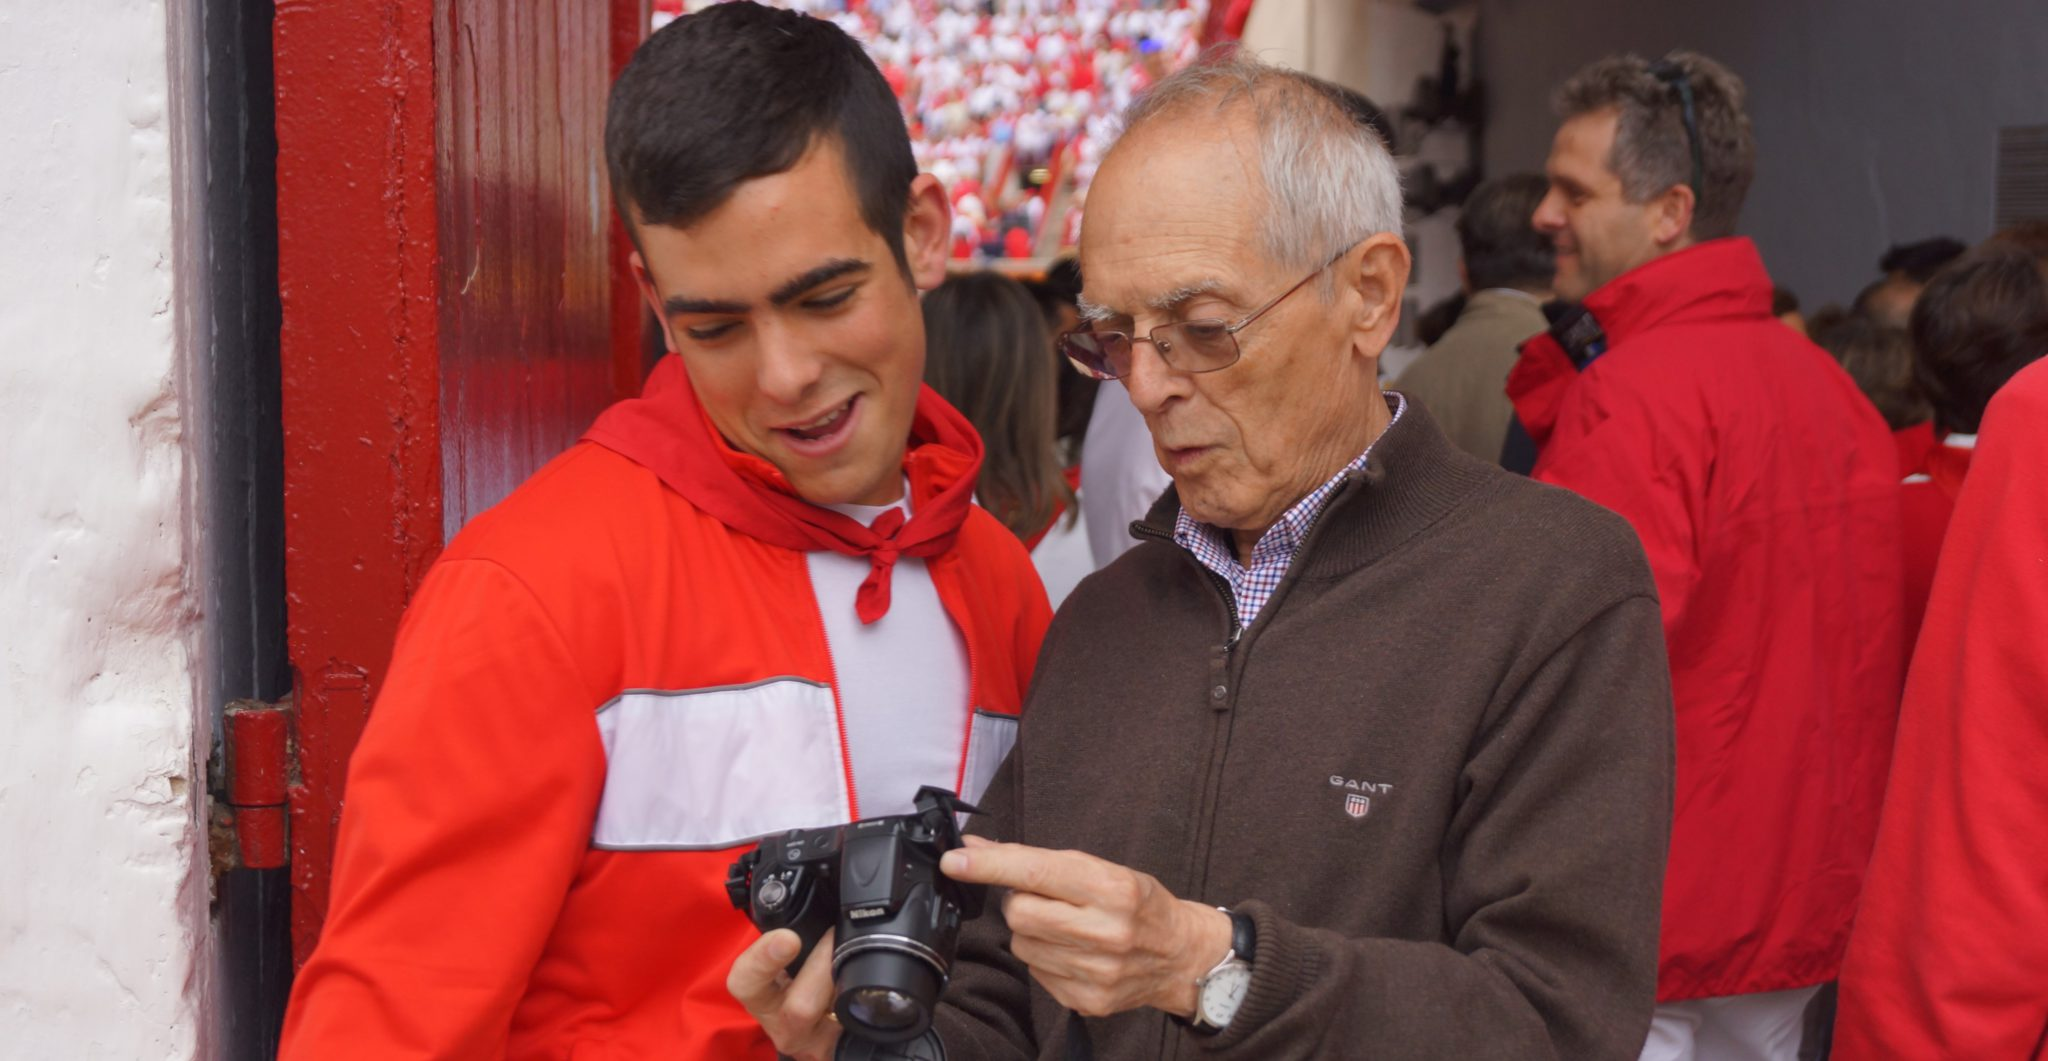 Ignacio Cía presencia una fotografía en su cámara